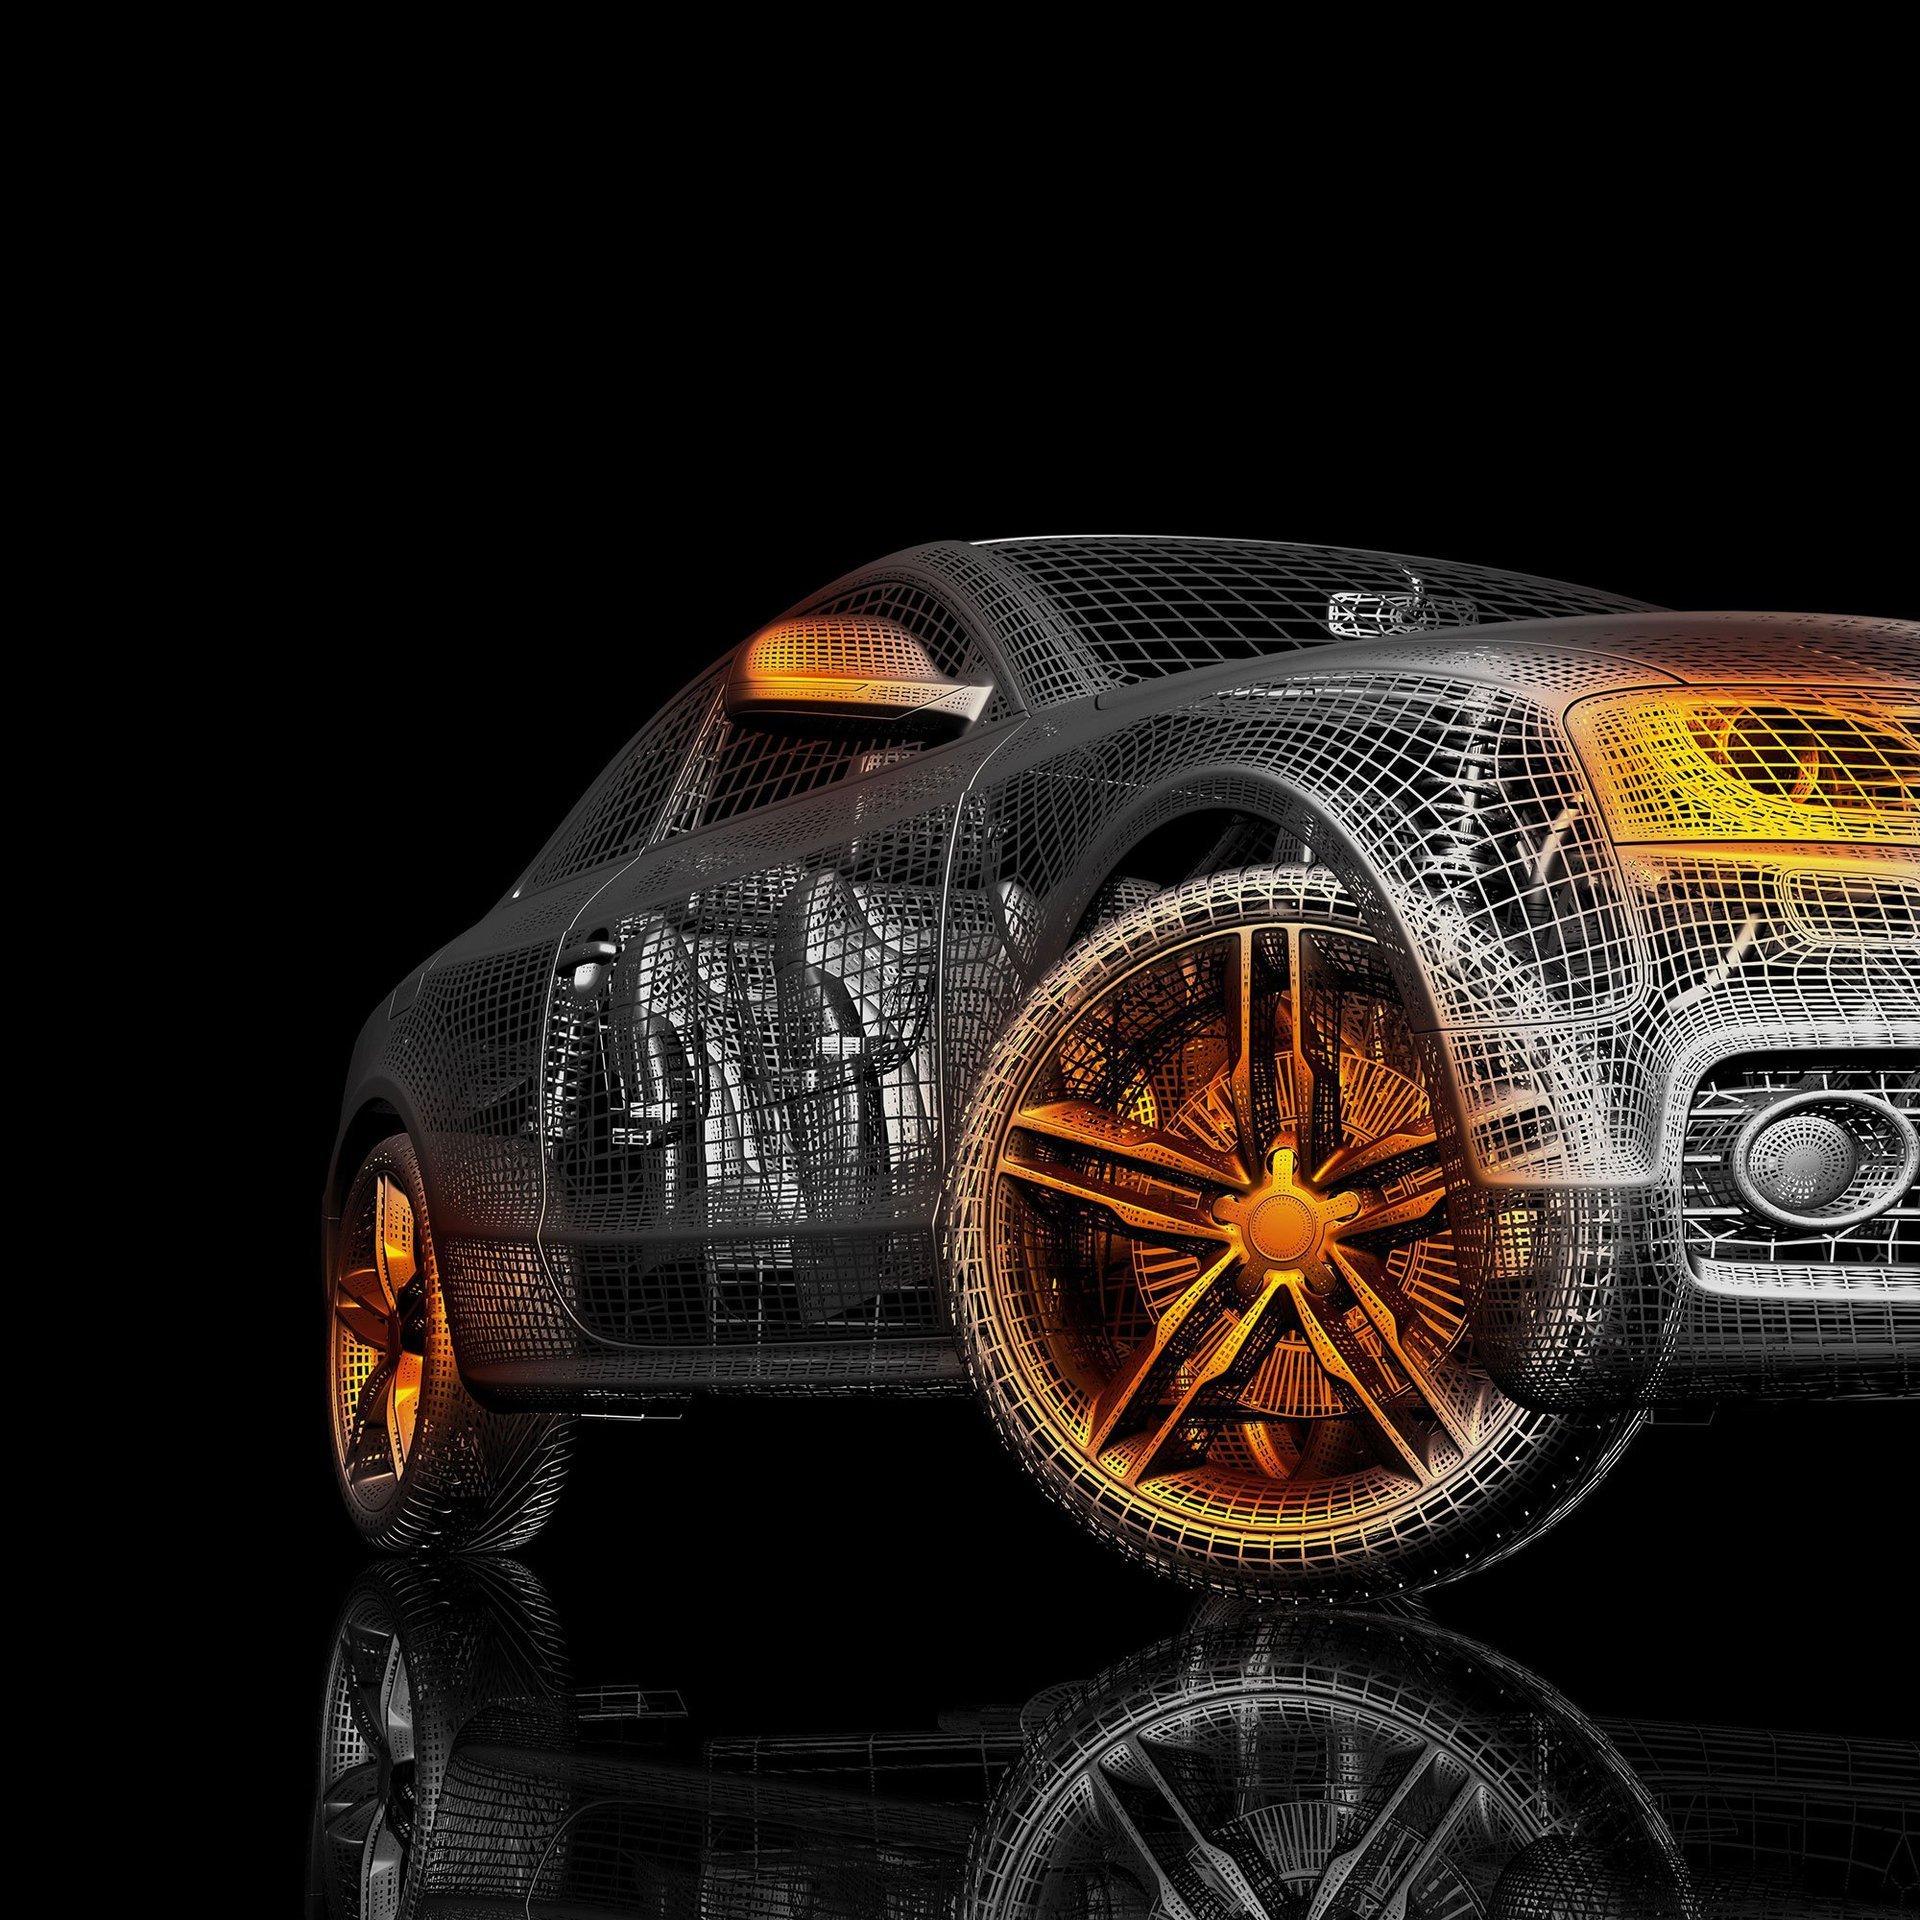 Auto Body Repair In Joplin Mo: Do Right Auto